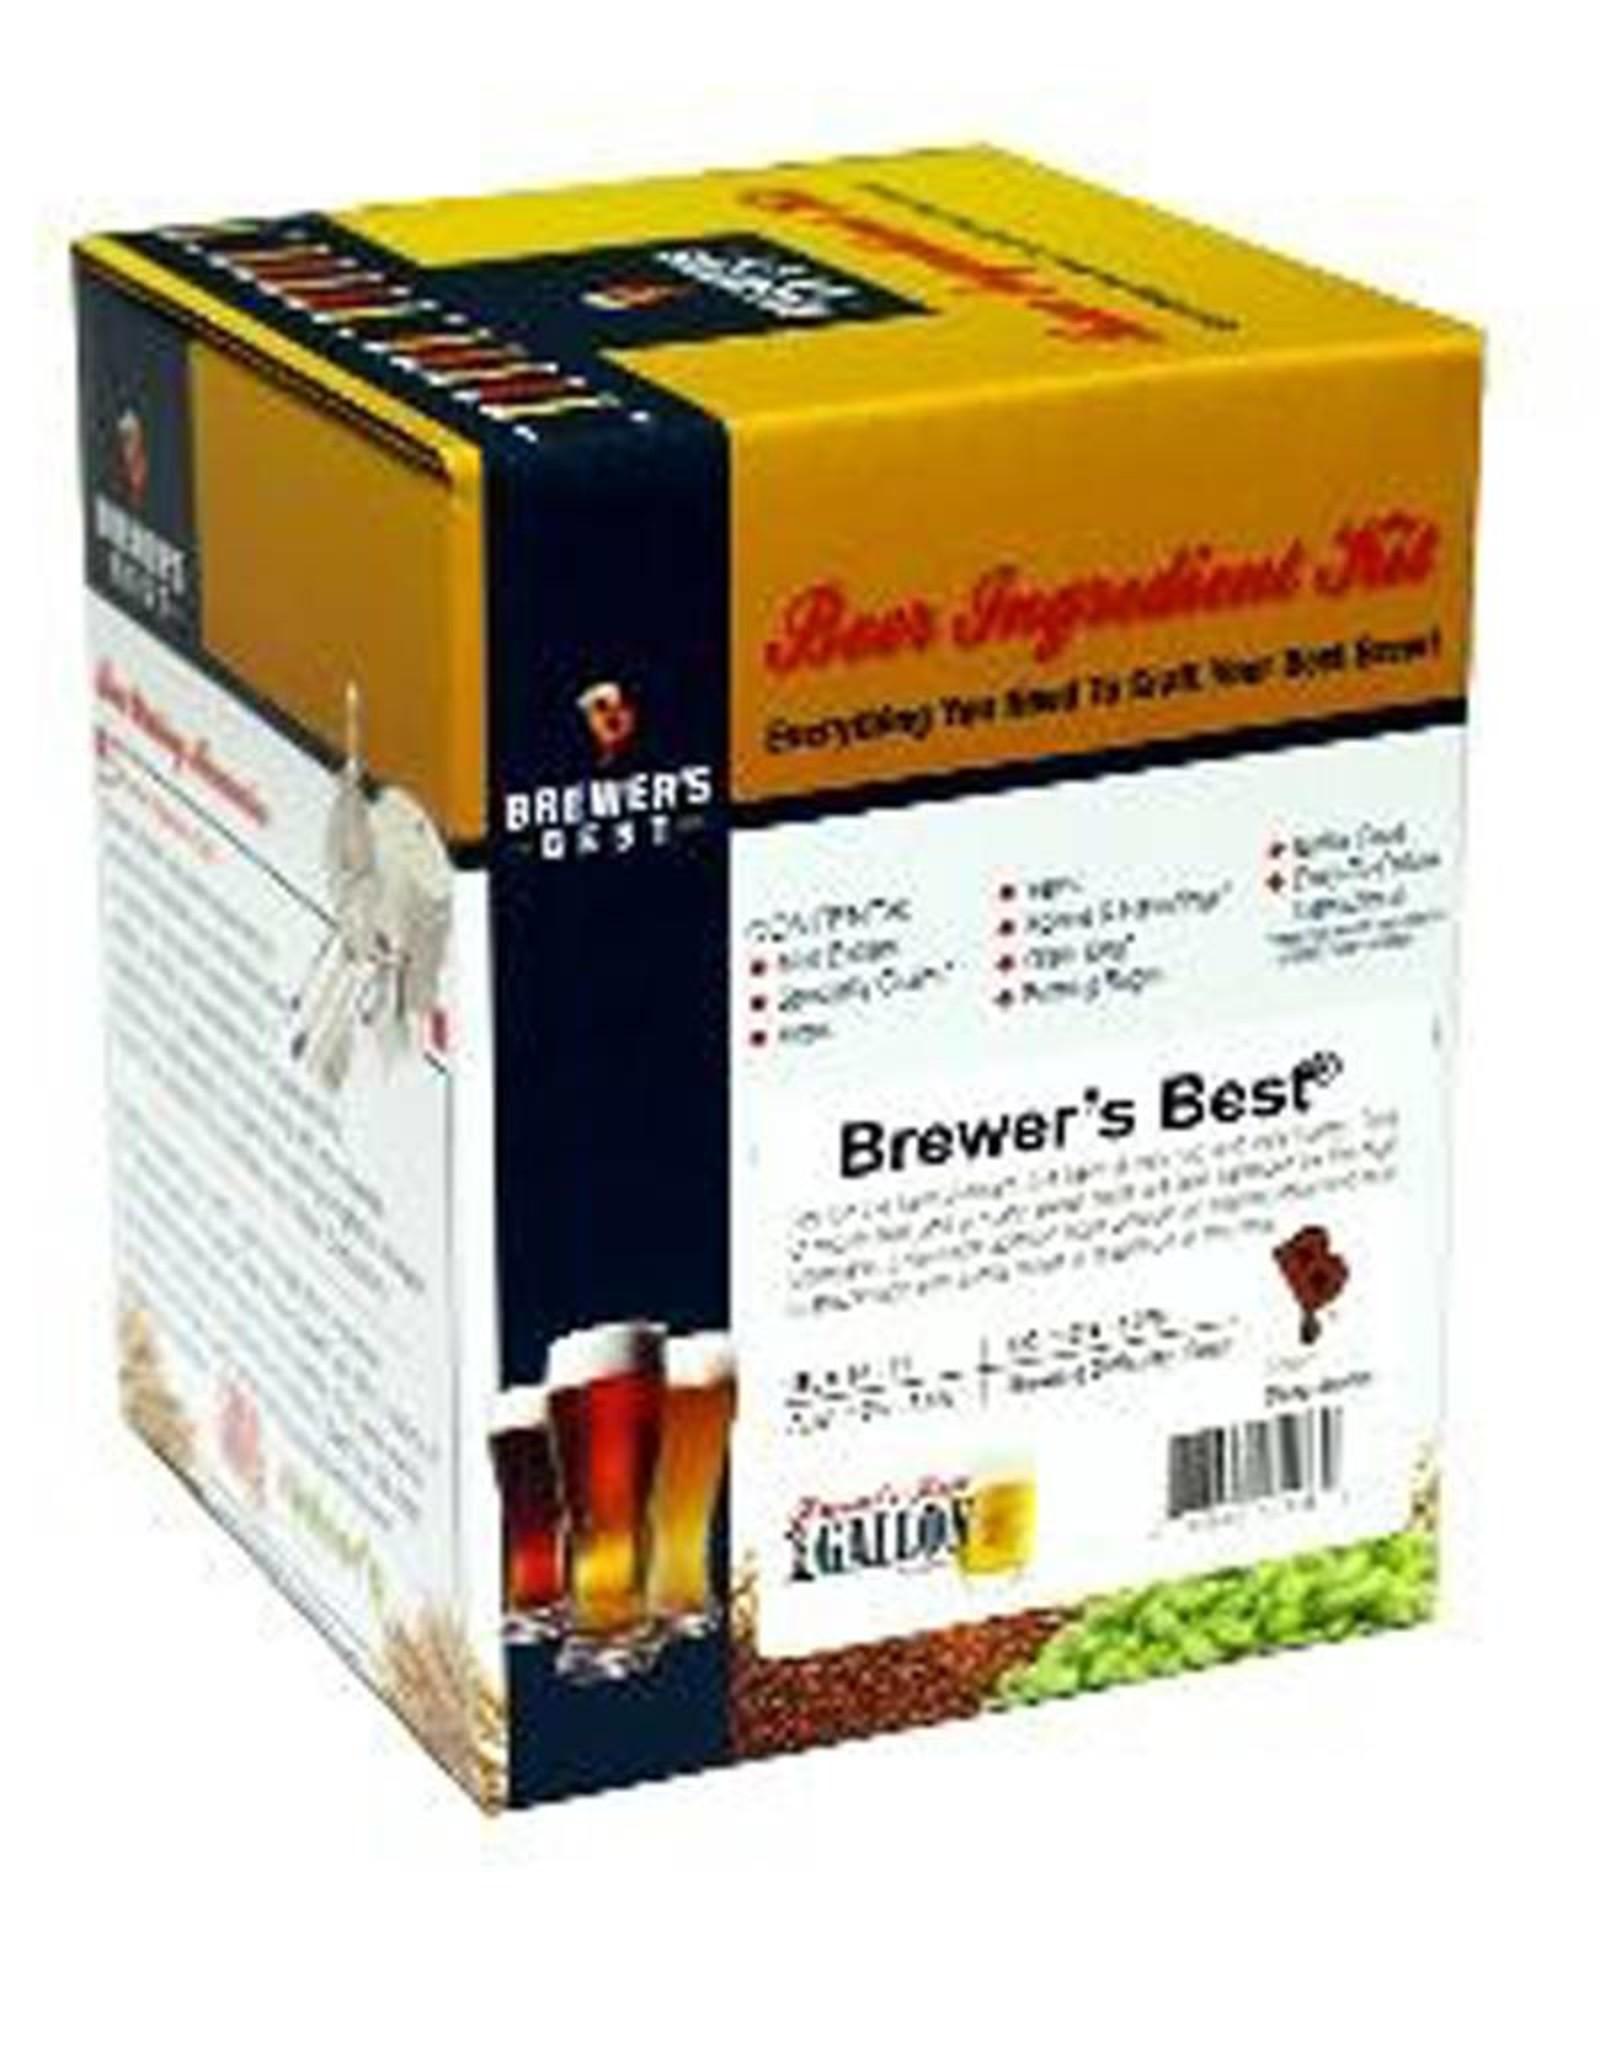 Brewer's Best Porter 1 gal ingredient kit